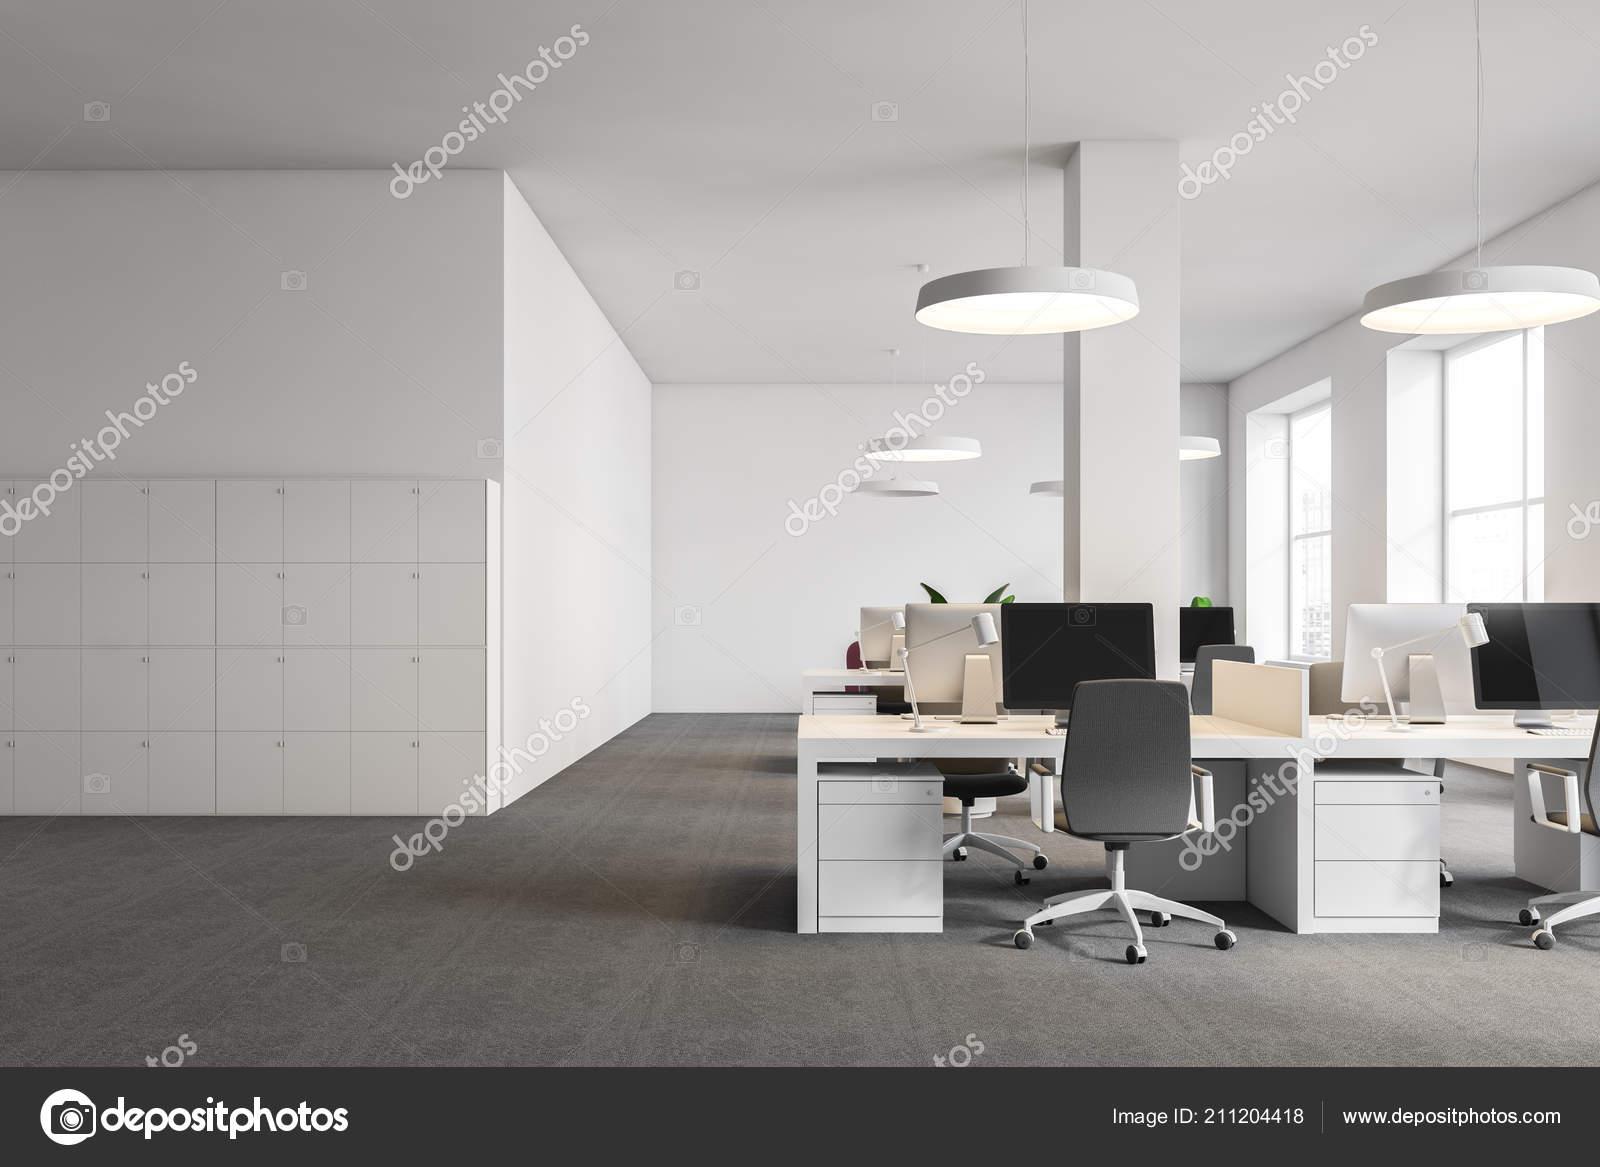 Interno ufficio bianco con moquette grigia sul pavimento lampade